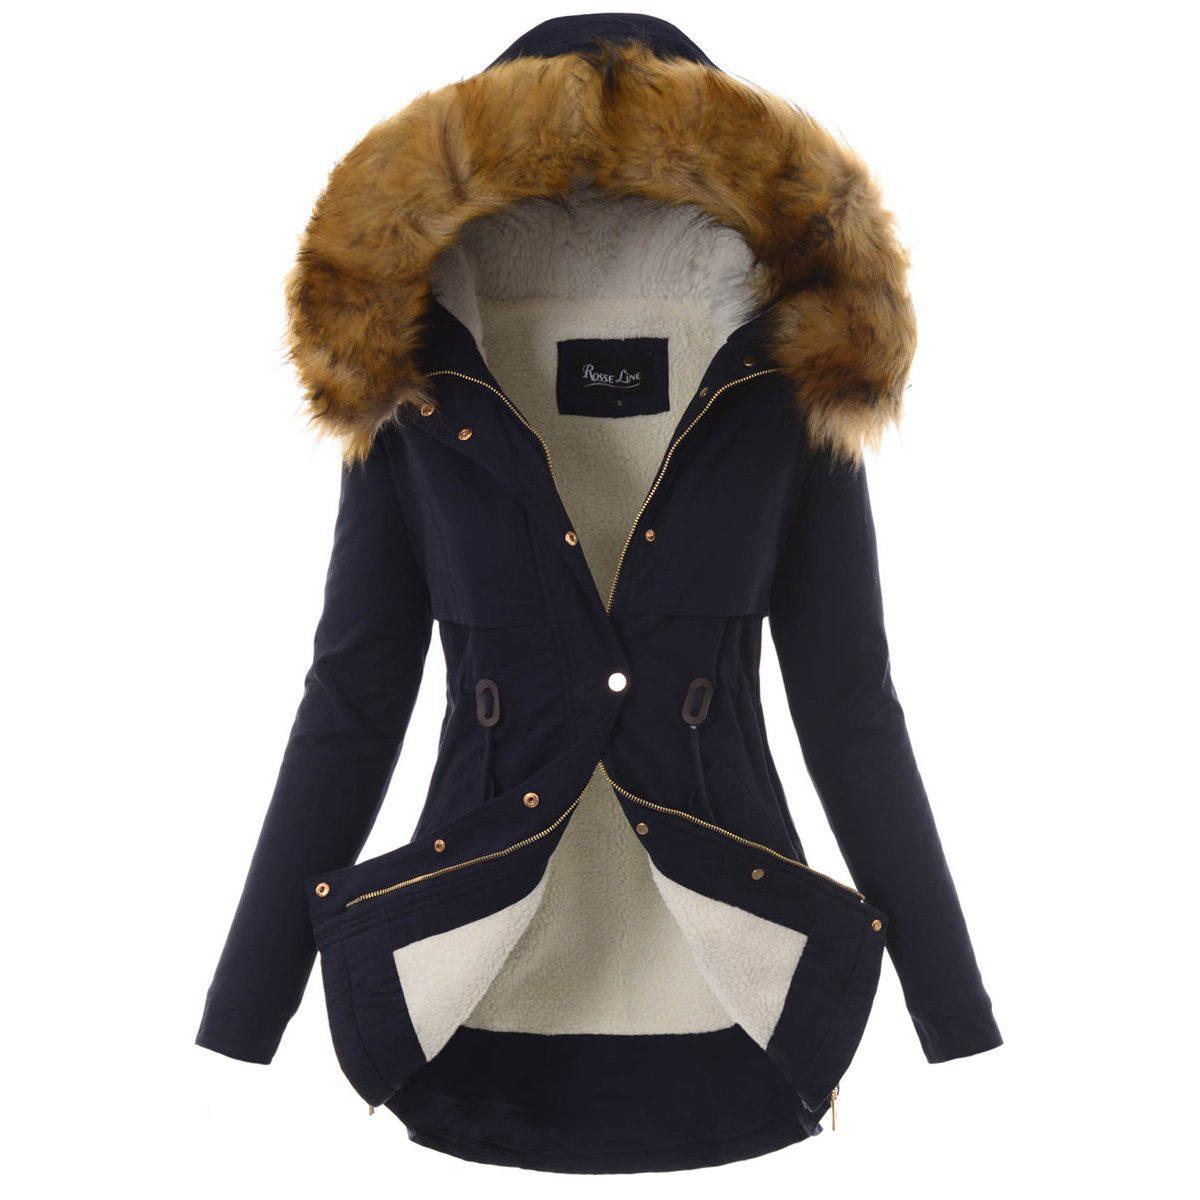 Jak często powinno się kupować nową kurtkę na zimę?